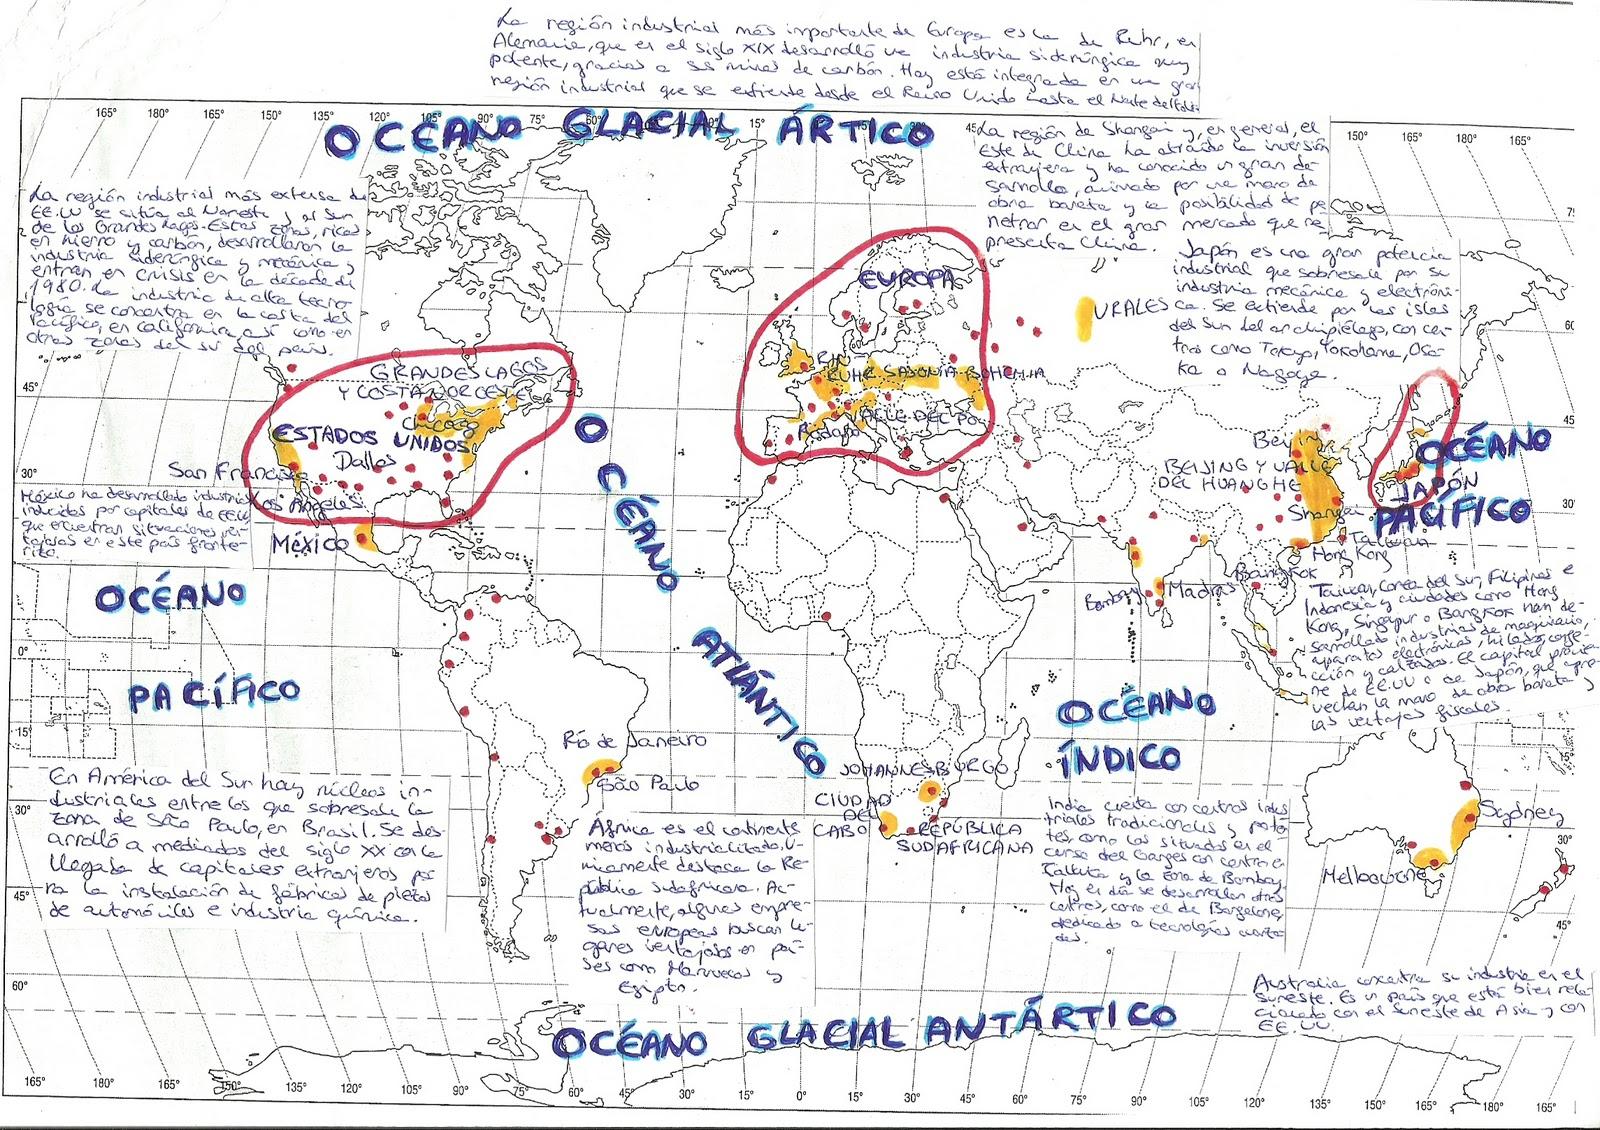 REGIONES INDUSTRIALES. Mapa realizado por Félix Navarro Calvo